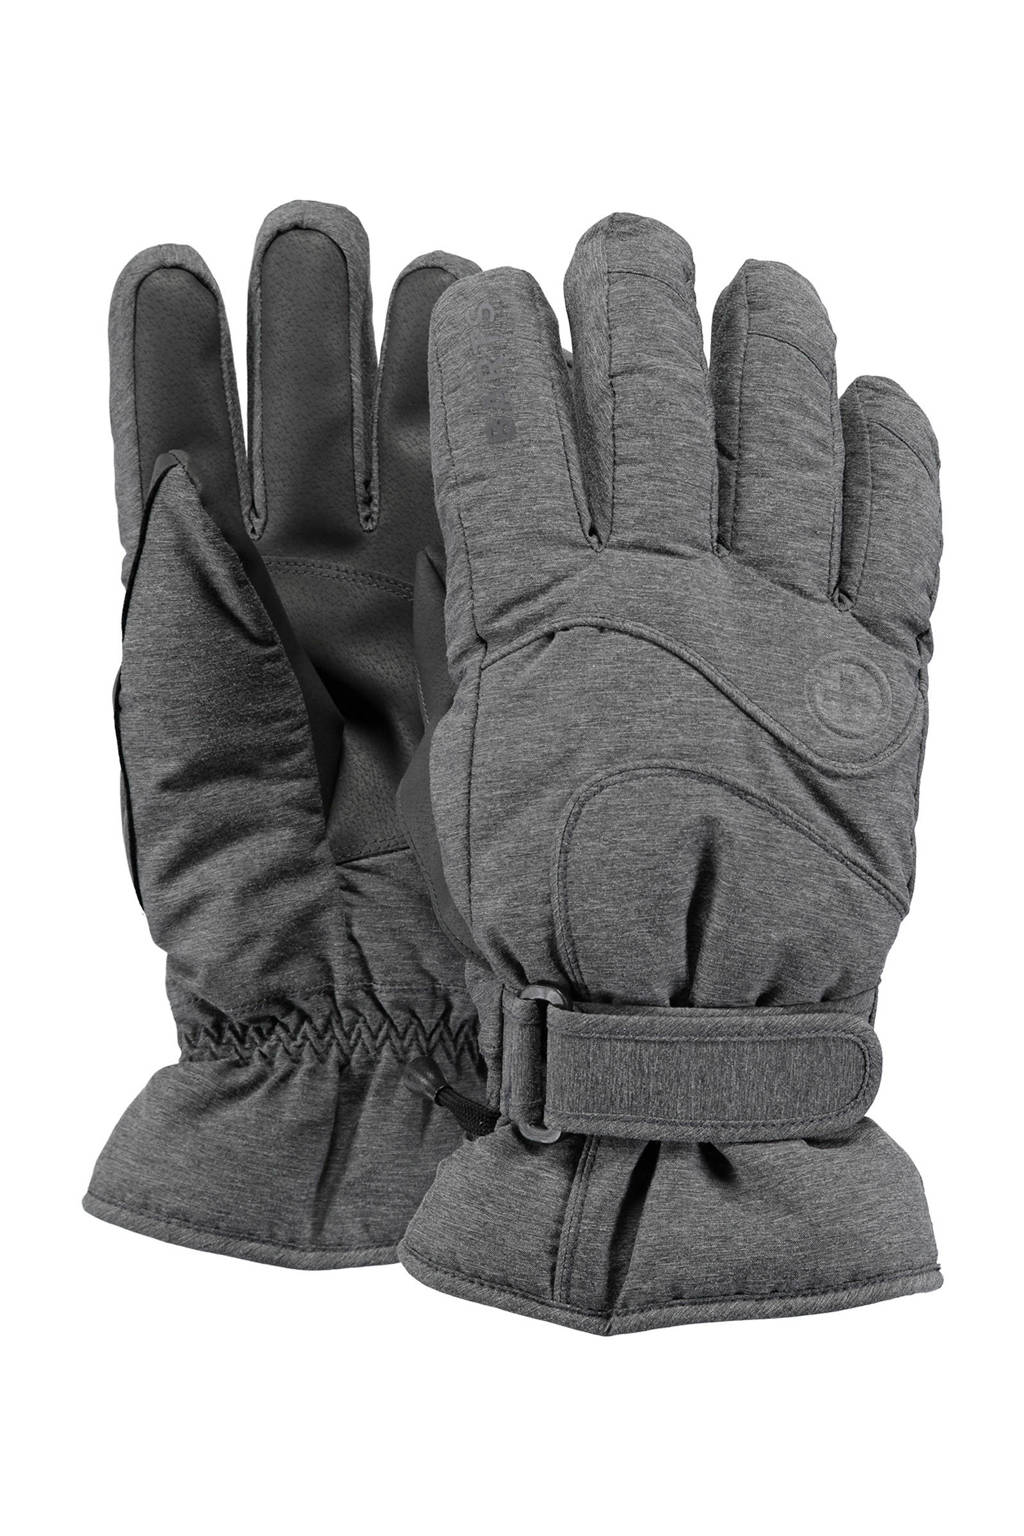 Barts handschoenen Skigloves grijs, Grijs